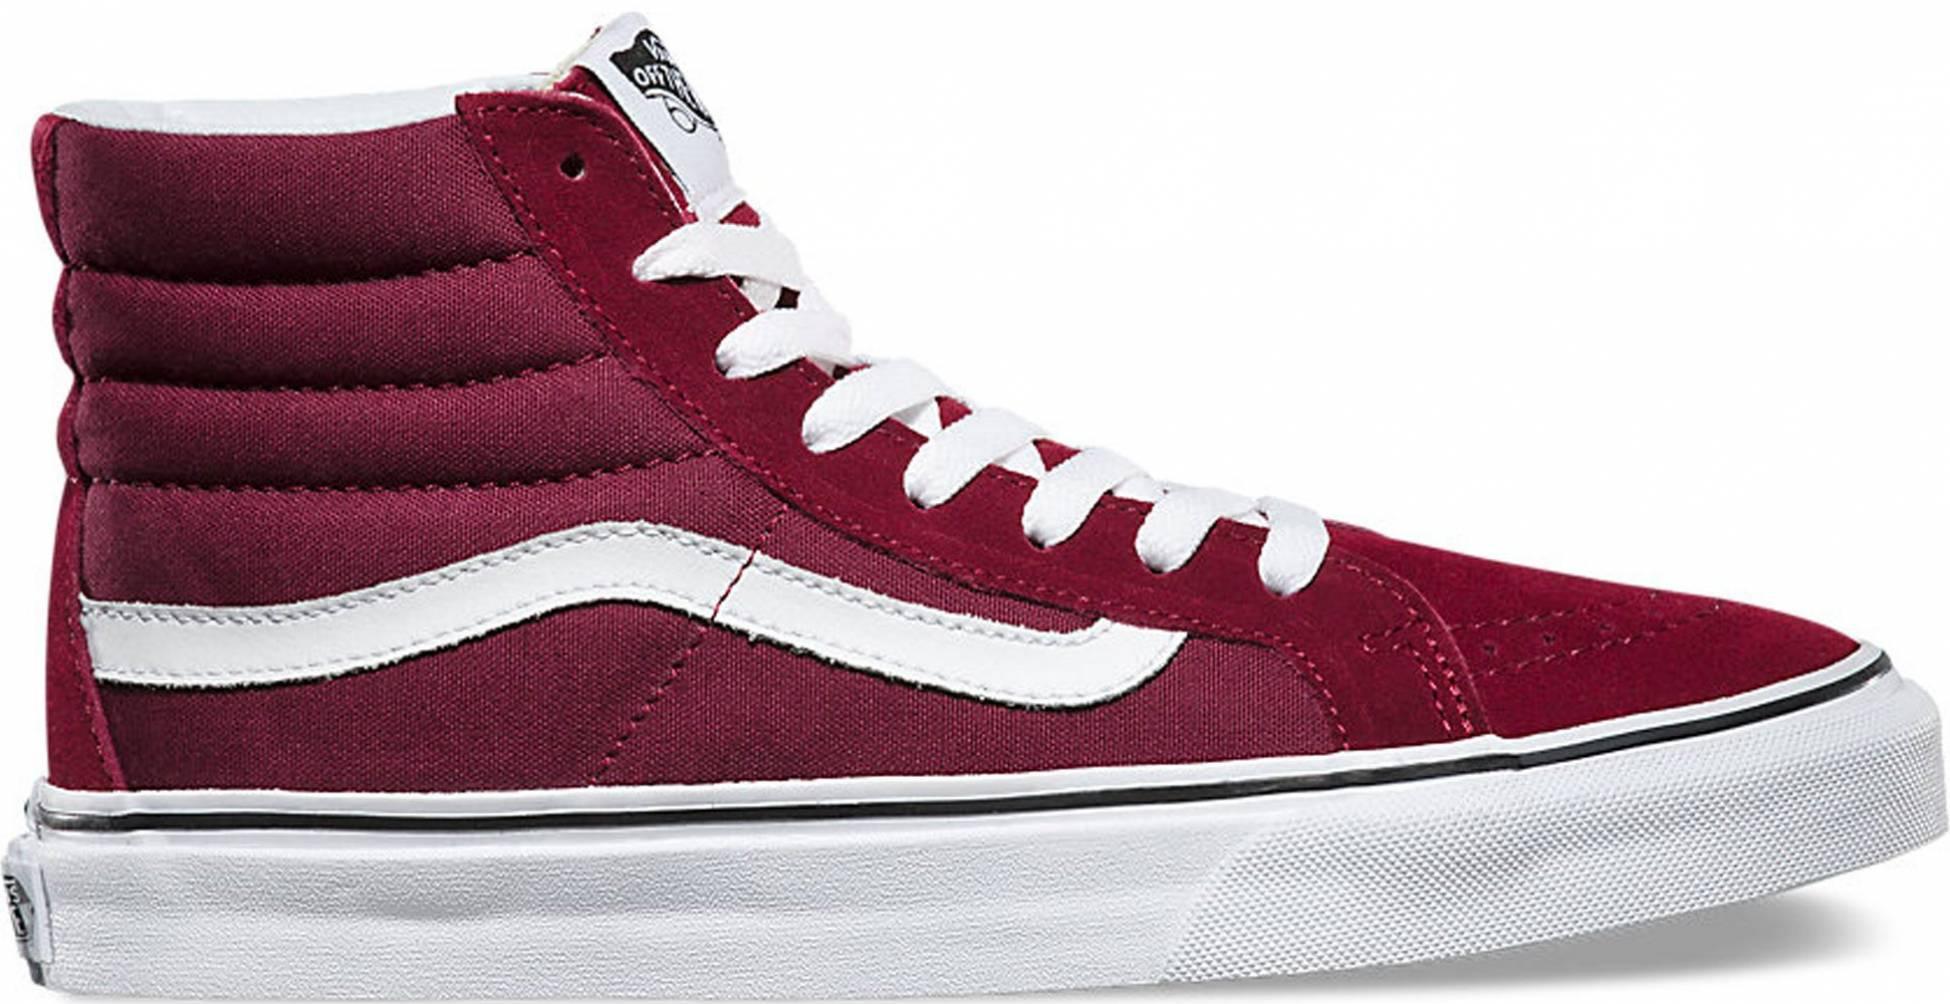 agenda unir cebra  Vans Vintage SK8-Hi Reissue sneakers in black + red (only $49) | RunRepeat